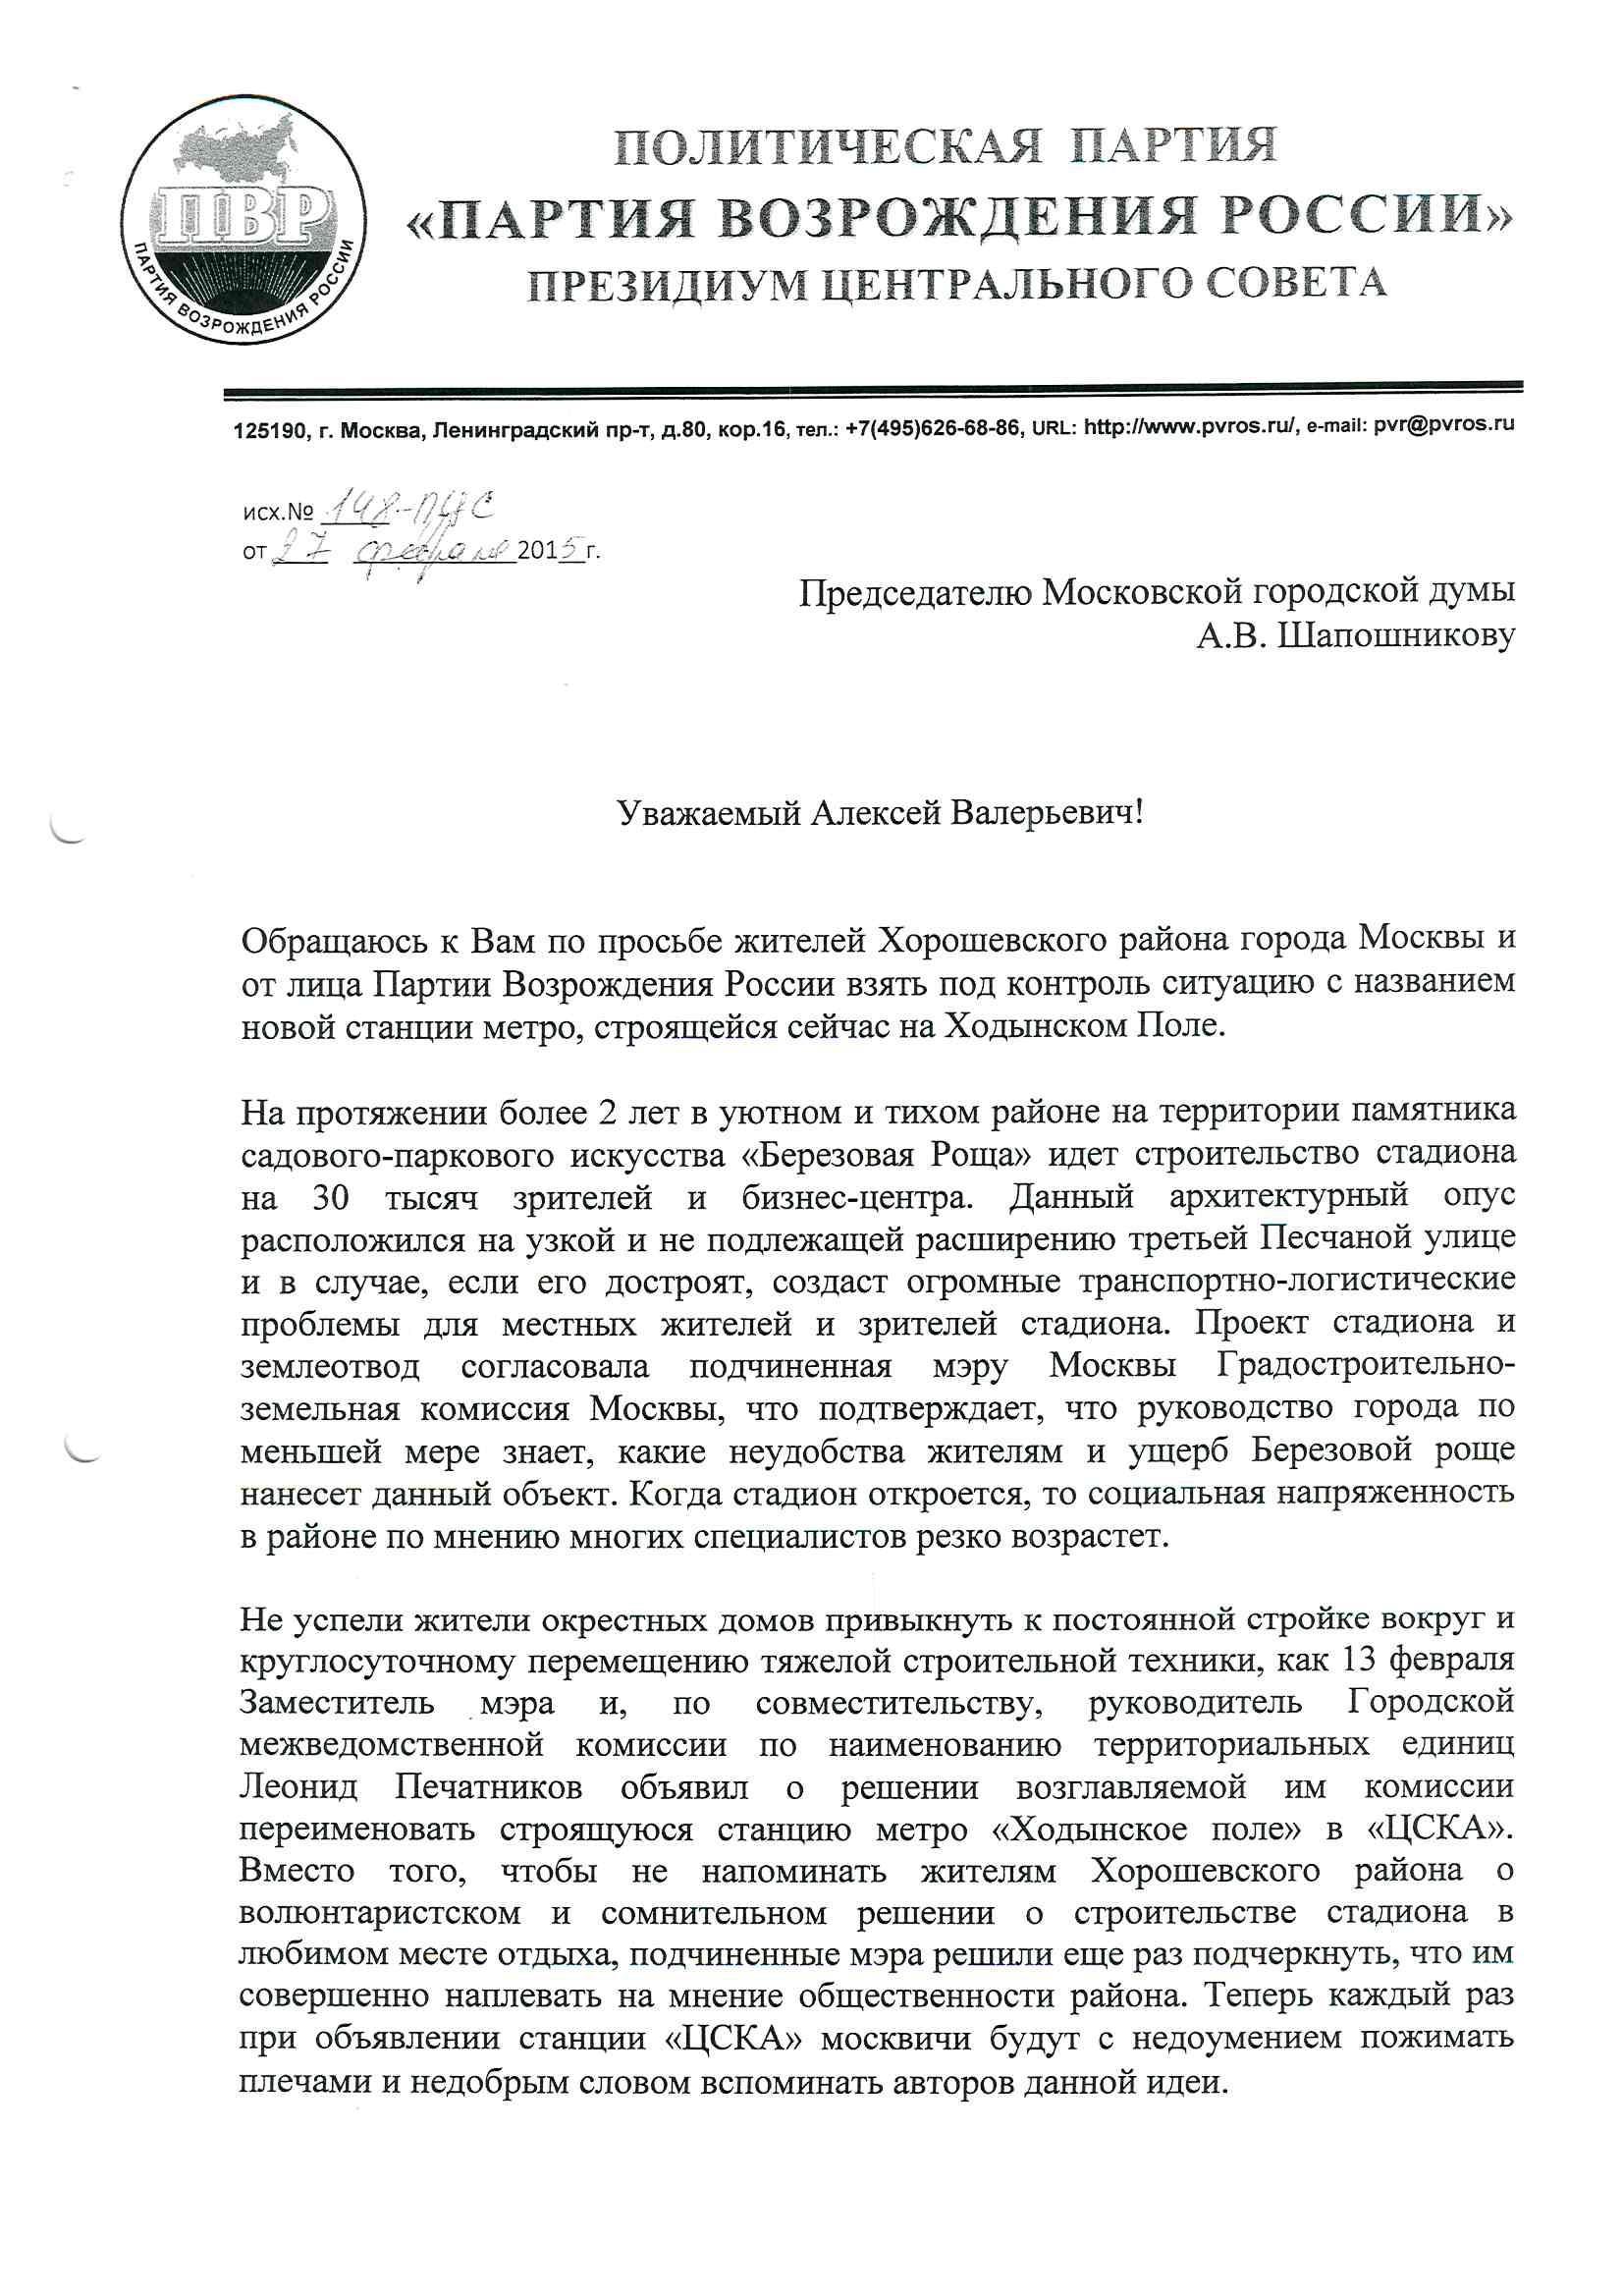 исх. 148 ПЦС от  27.02.15 Шапошникову А.В_Страница_1